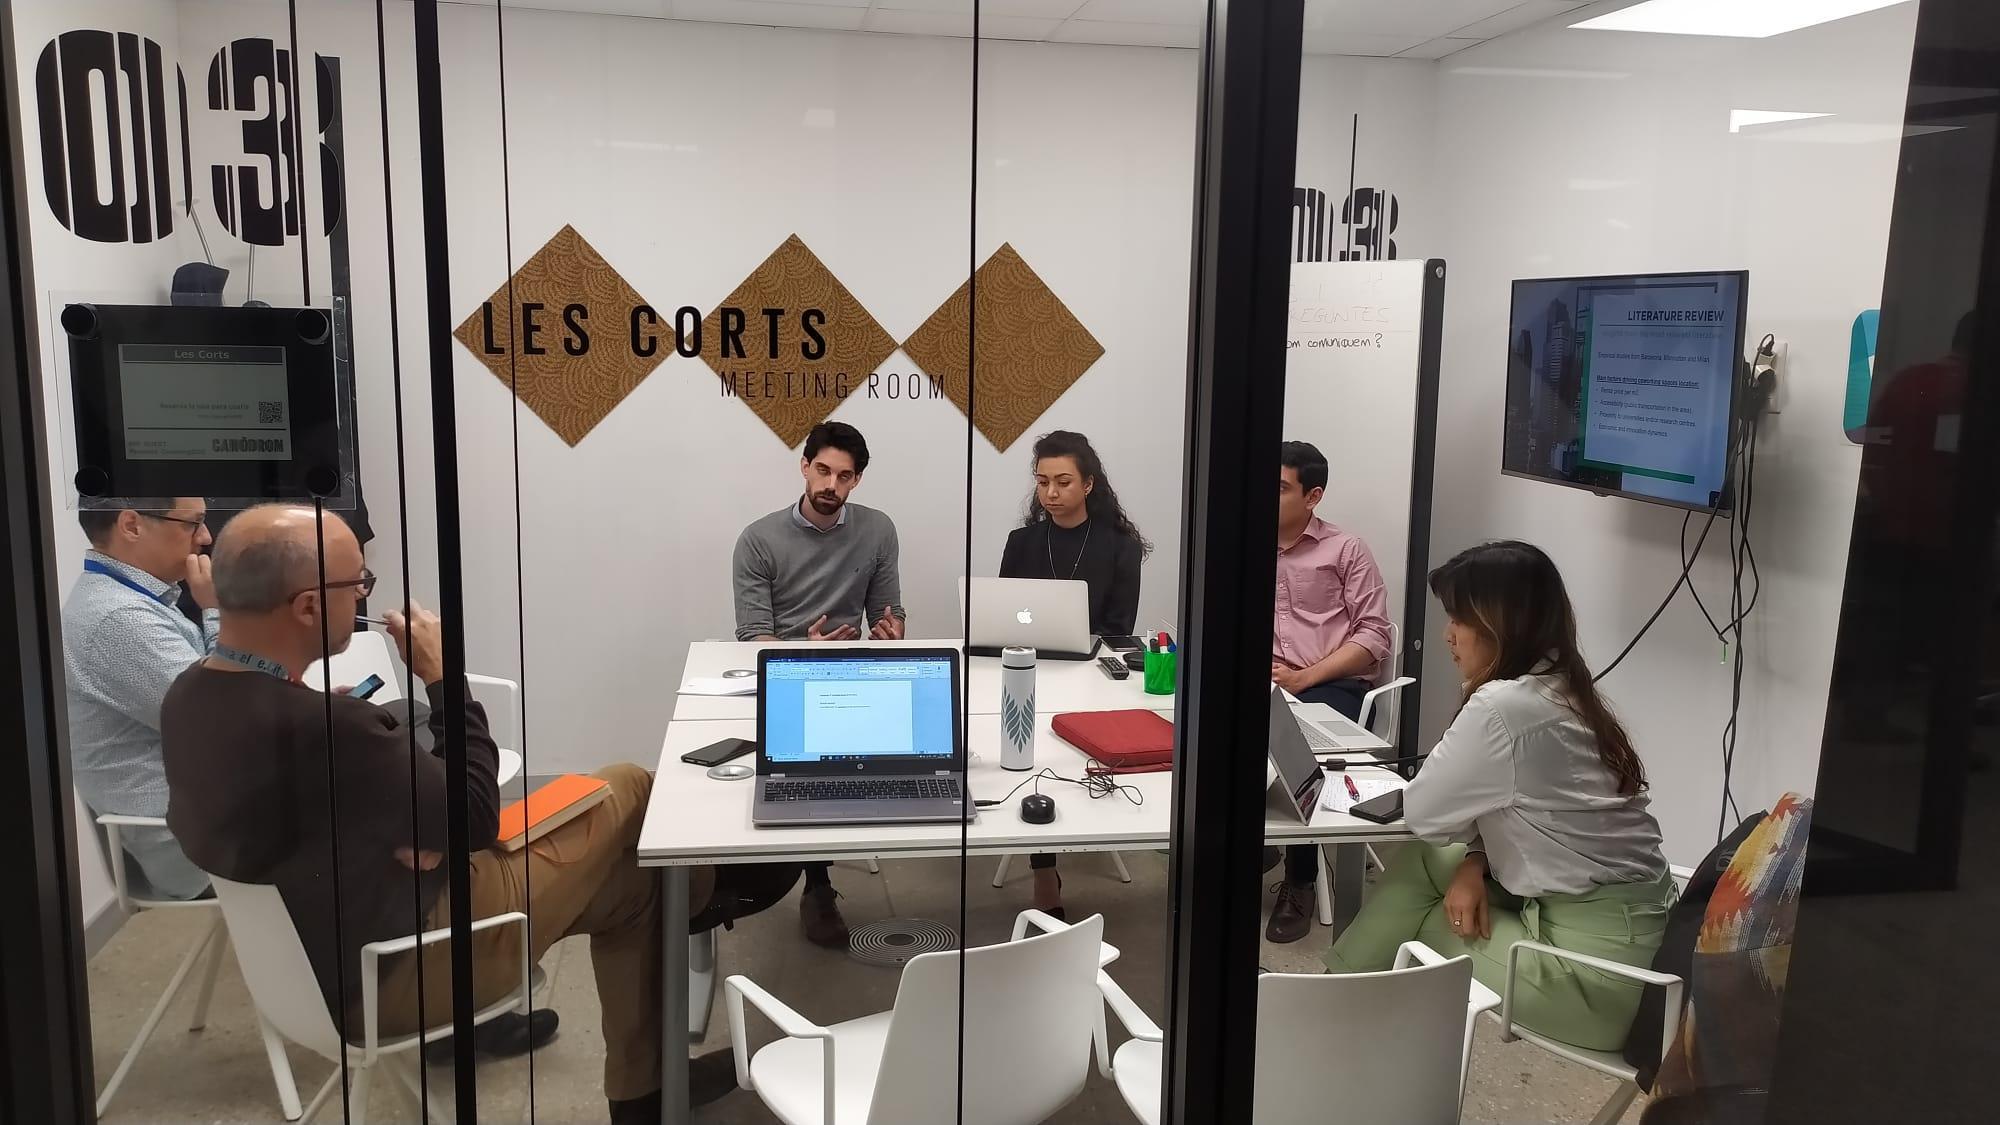 Presentació de l'estudi 'Emergence of coworking spaces in Barcelona' al Canòdrom Parc de Recerca Creativa